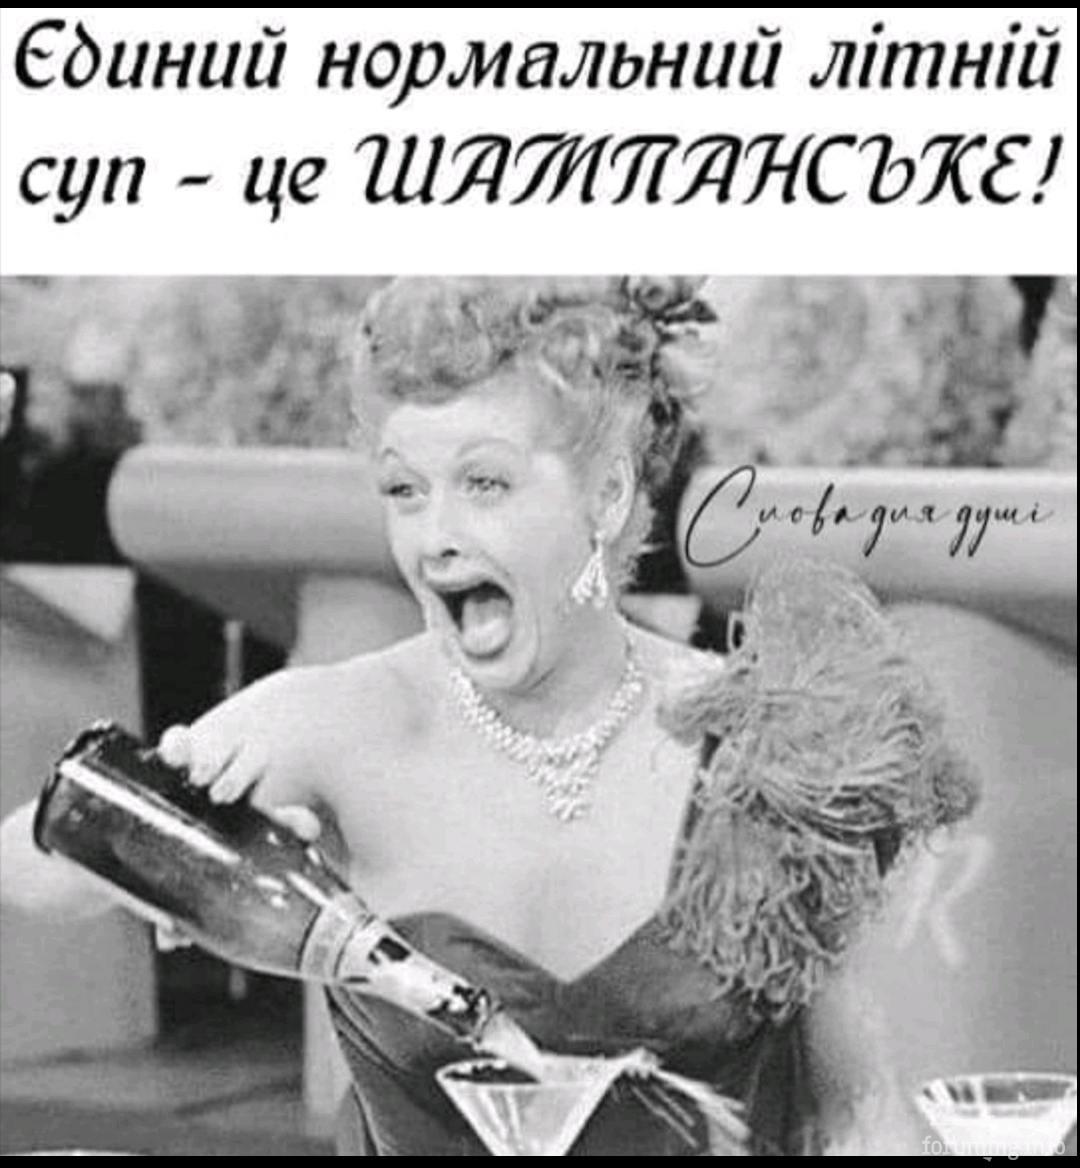 135704 - Пить или не пить? - пятничная алкогольная тема )))